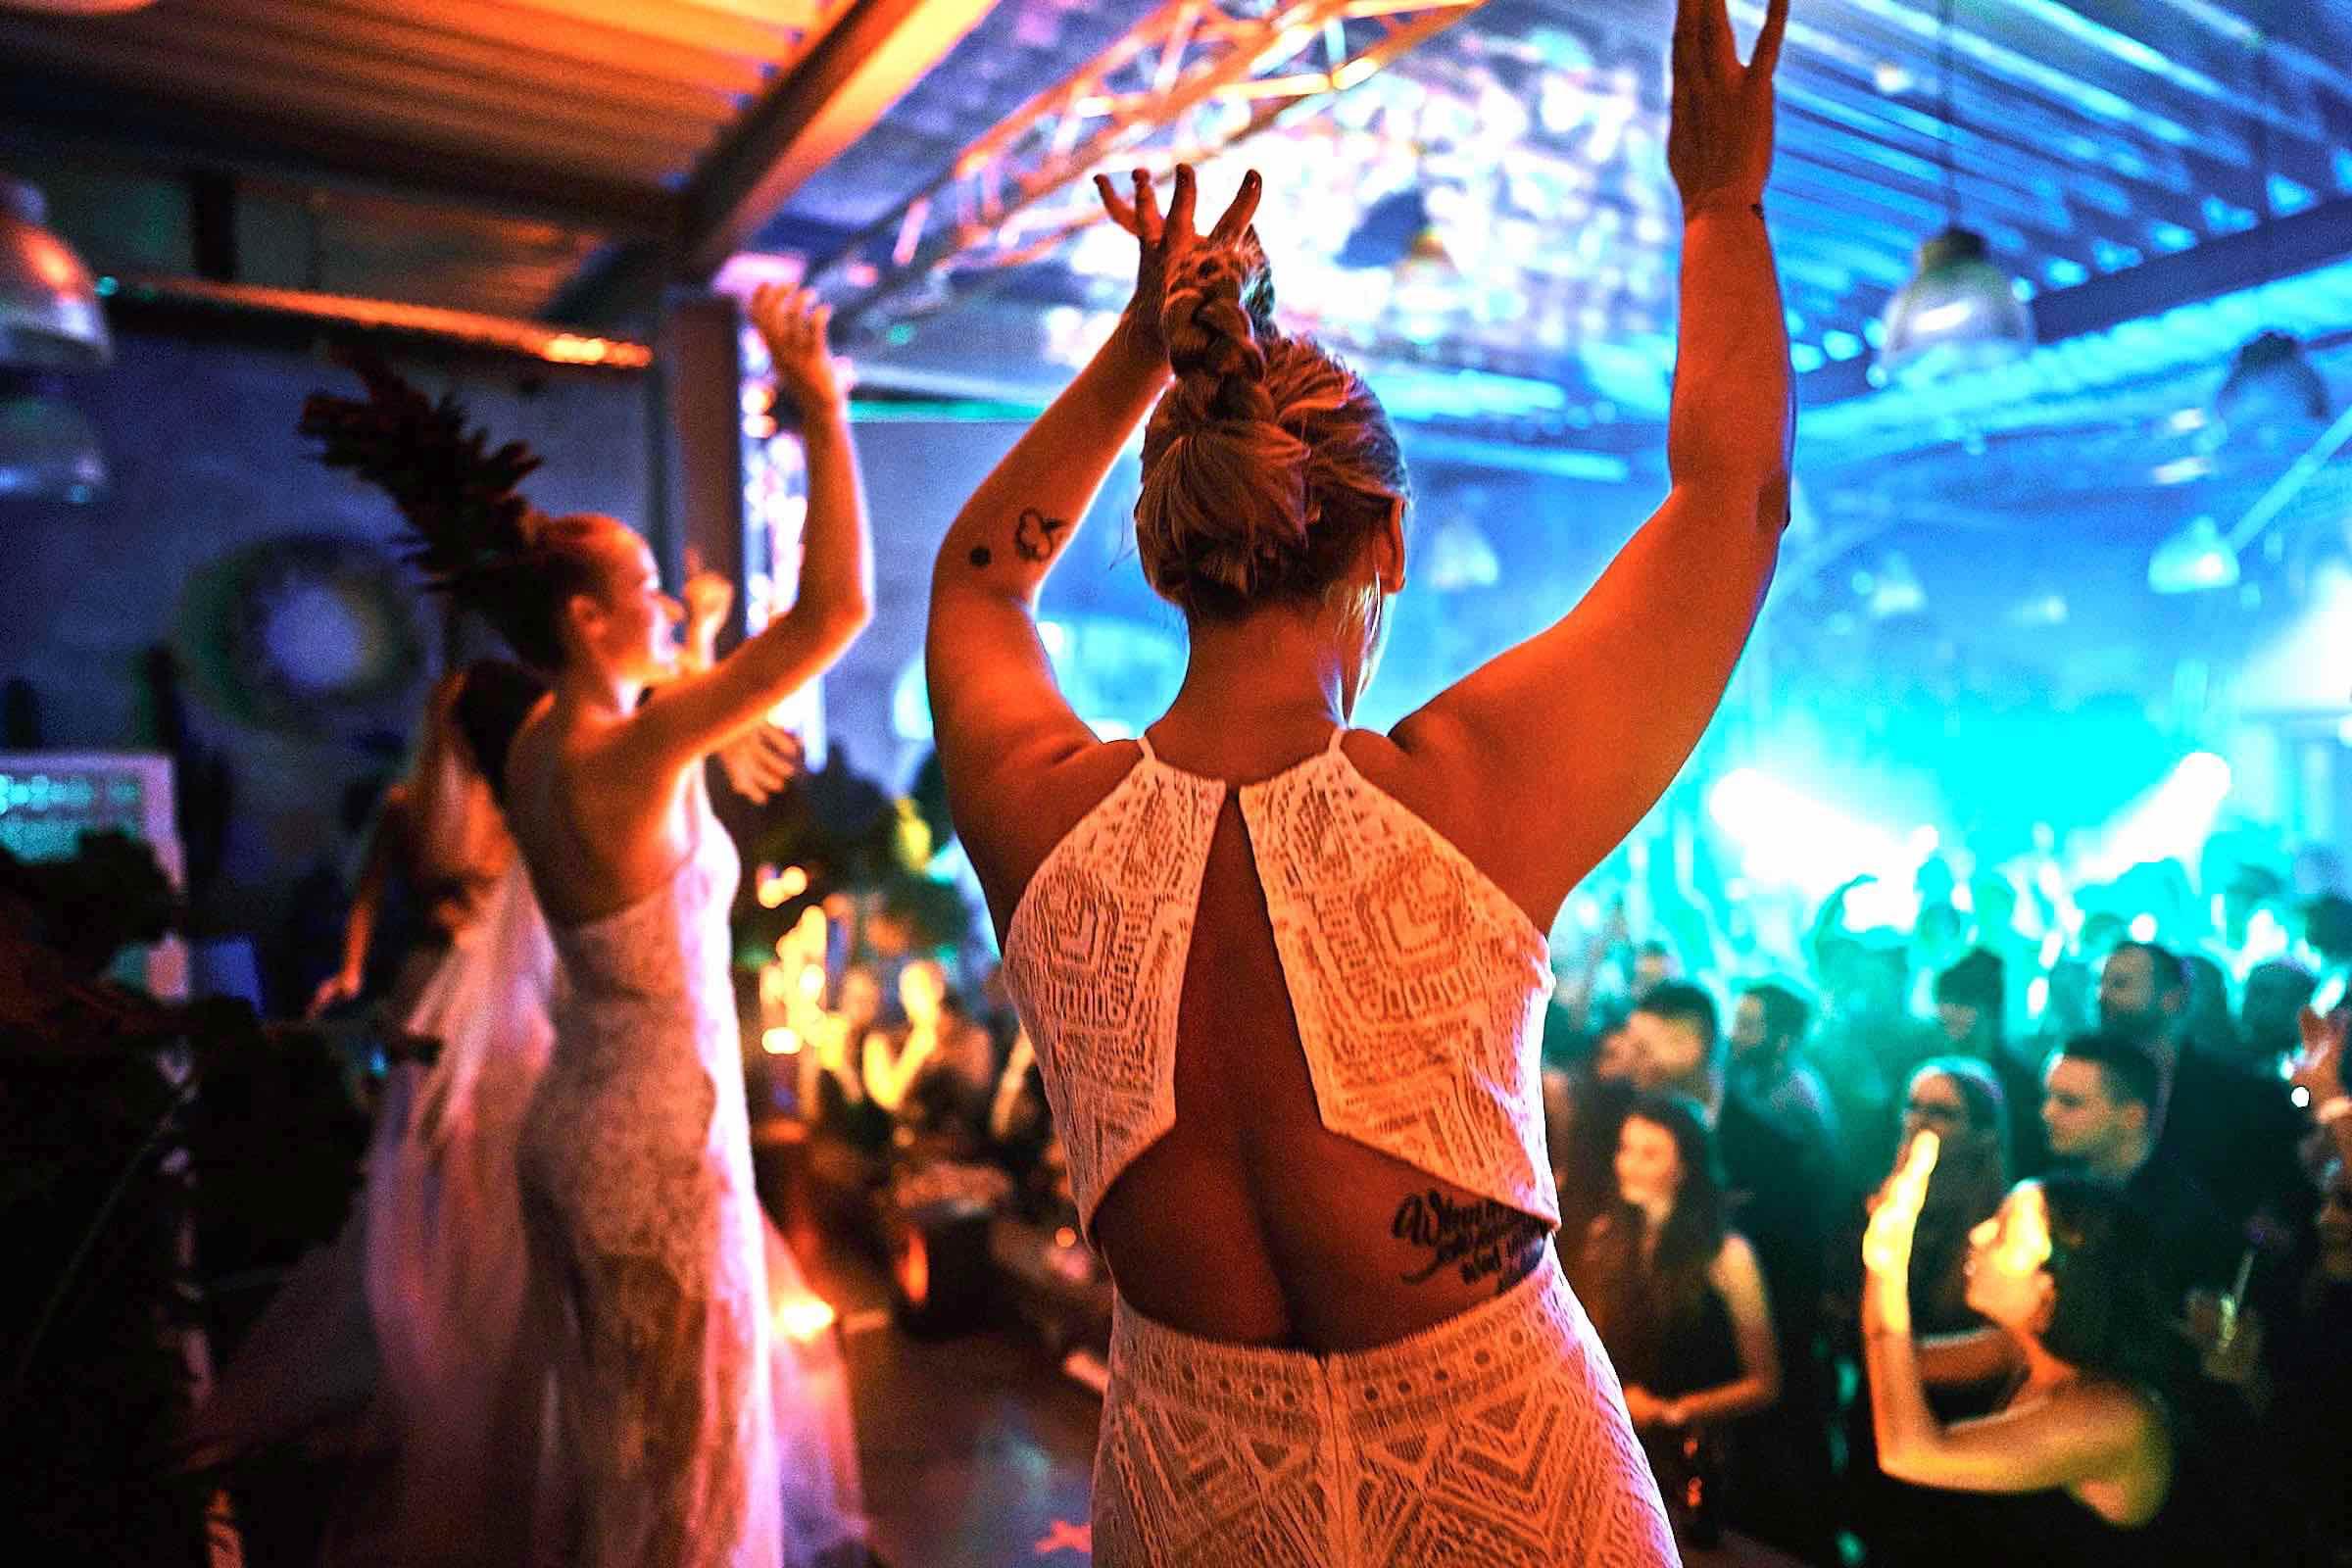 DJ | Hochzeit | Hamburg | DJ | Messe | Hochzeits | DJ | Hamburg | DJ | Firmenevent | Firmenfeier | DJ | Geburtstag | DJ | Weihnachtsfeier | DJ | Sommerfest | DJ | Feier | Buchen | Anfragen | Hamburgfeiert